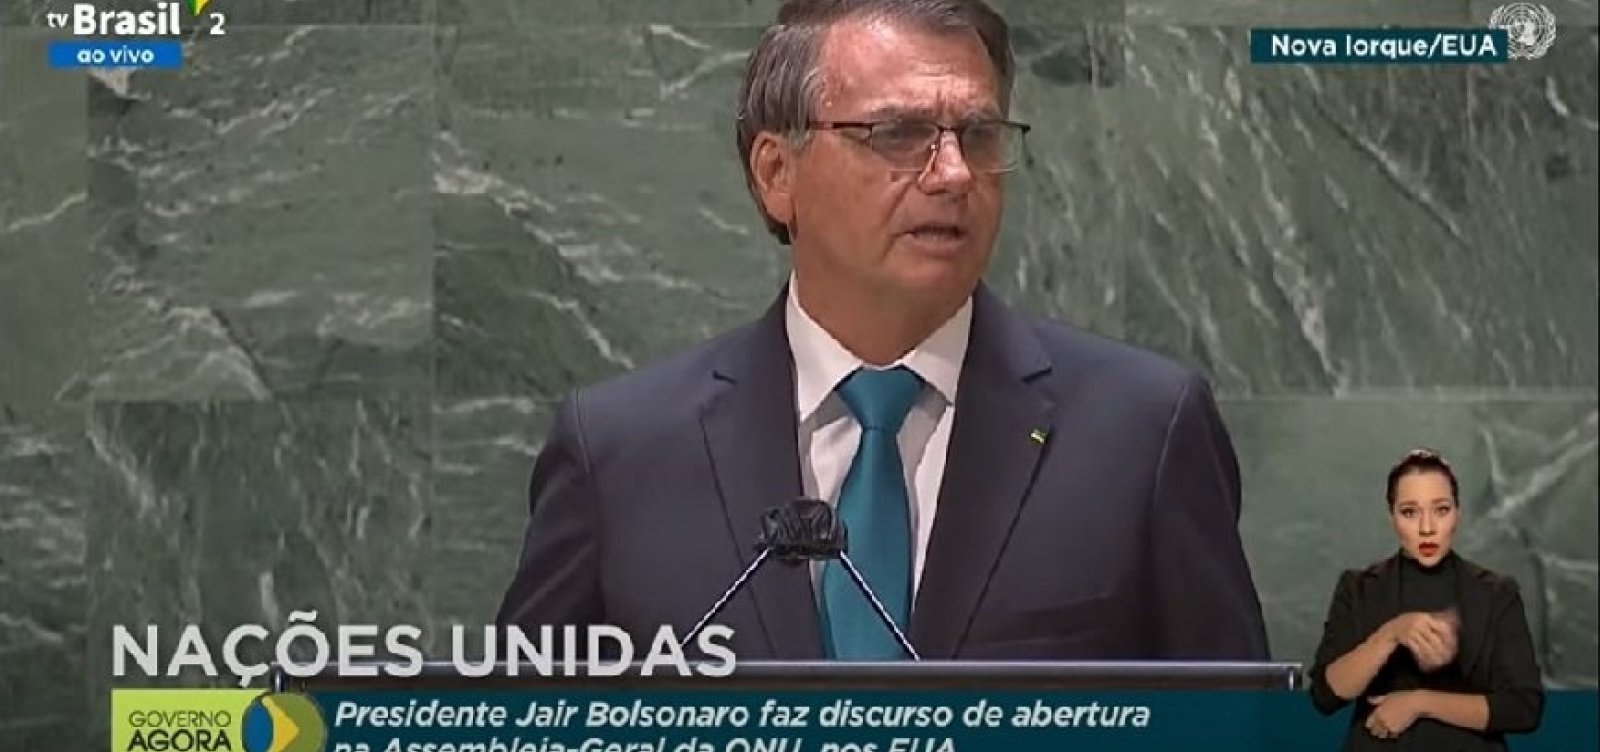 """Na ONU, Bolsonaro defende tratamento precoce, ataca lockdown e fala em """"família tradicional"""""""